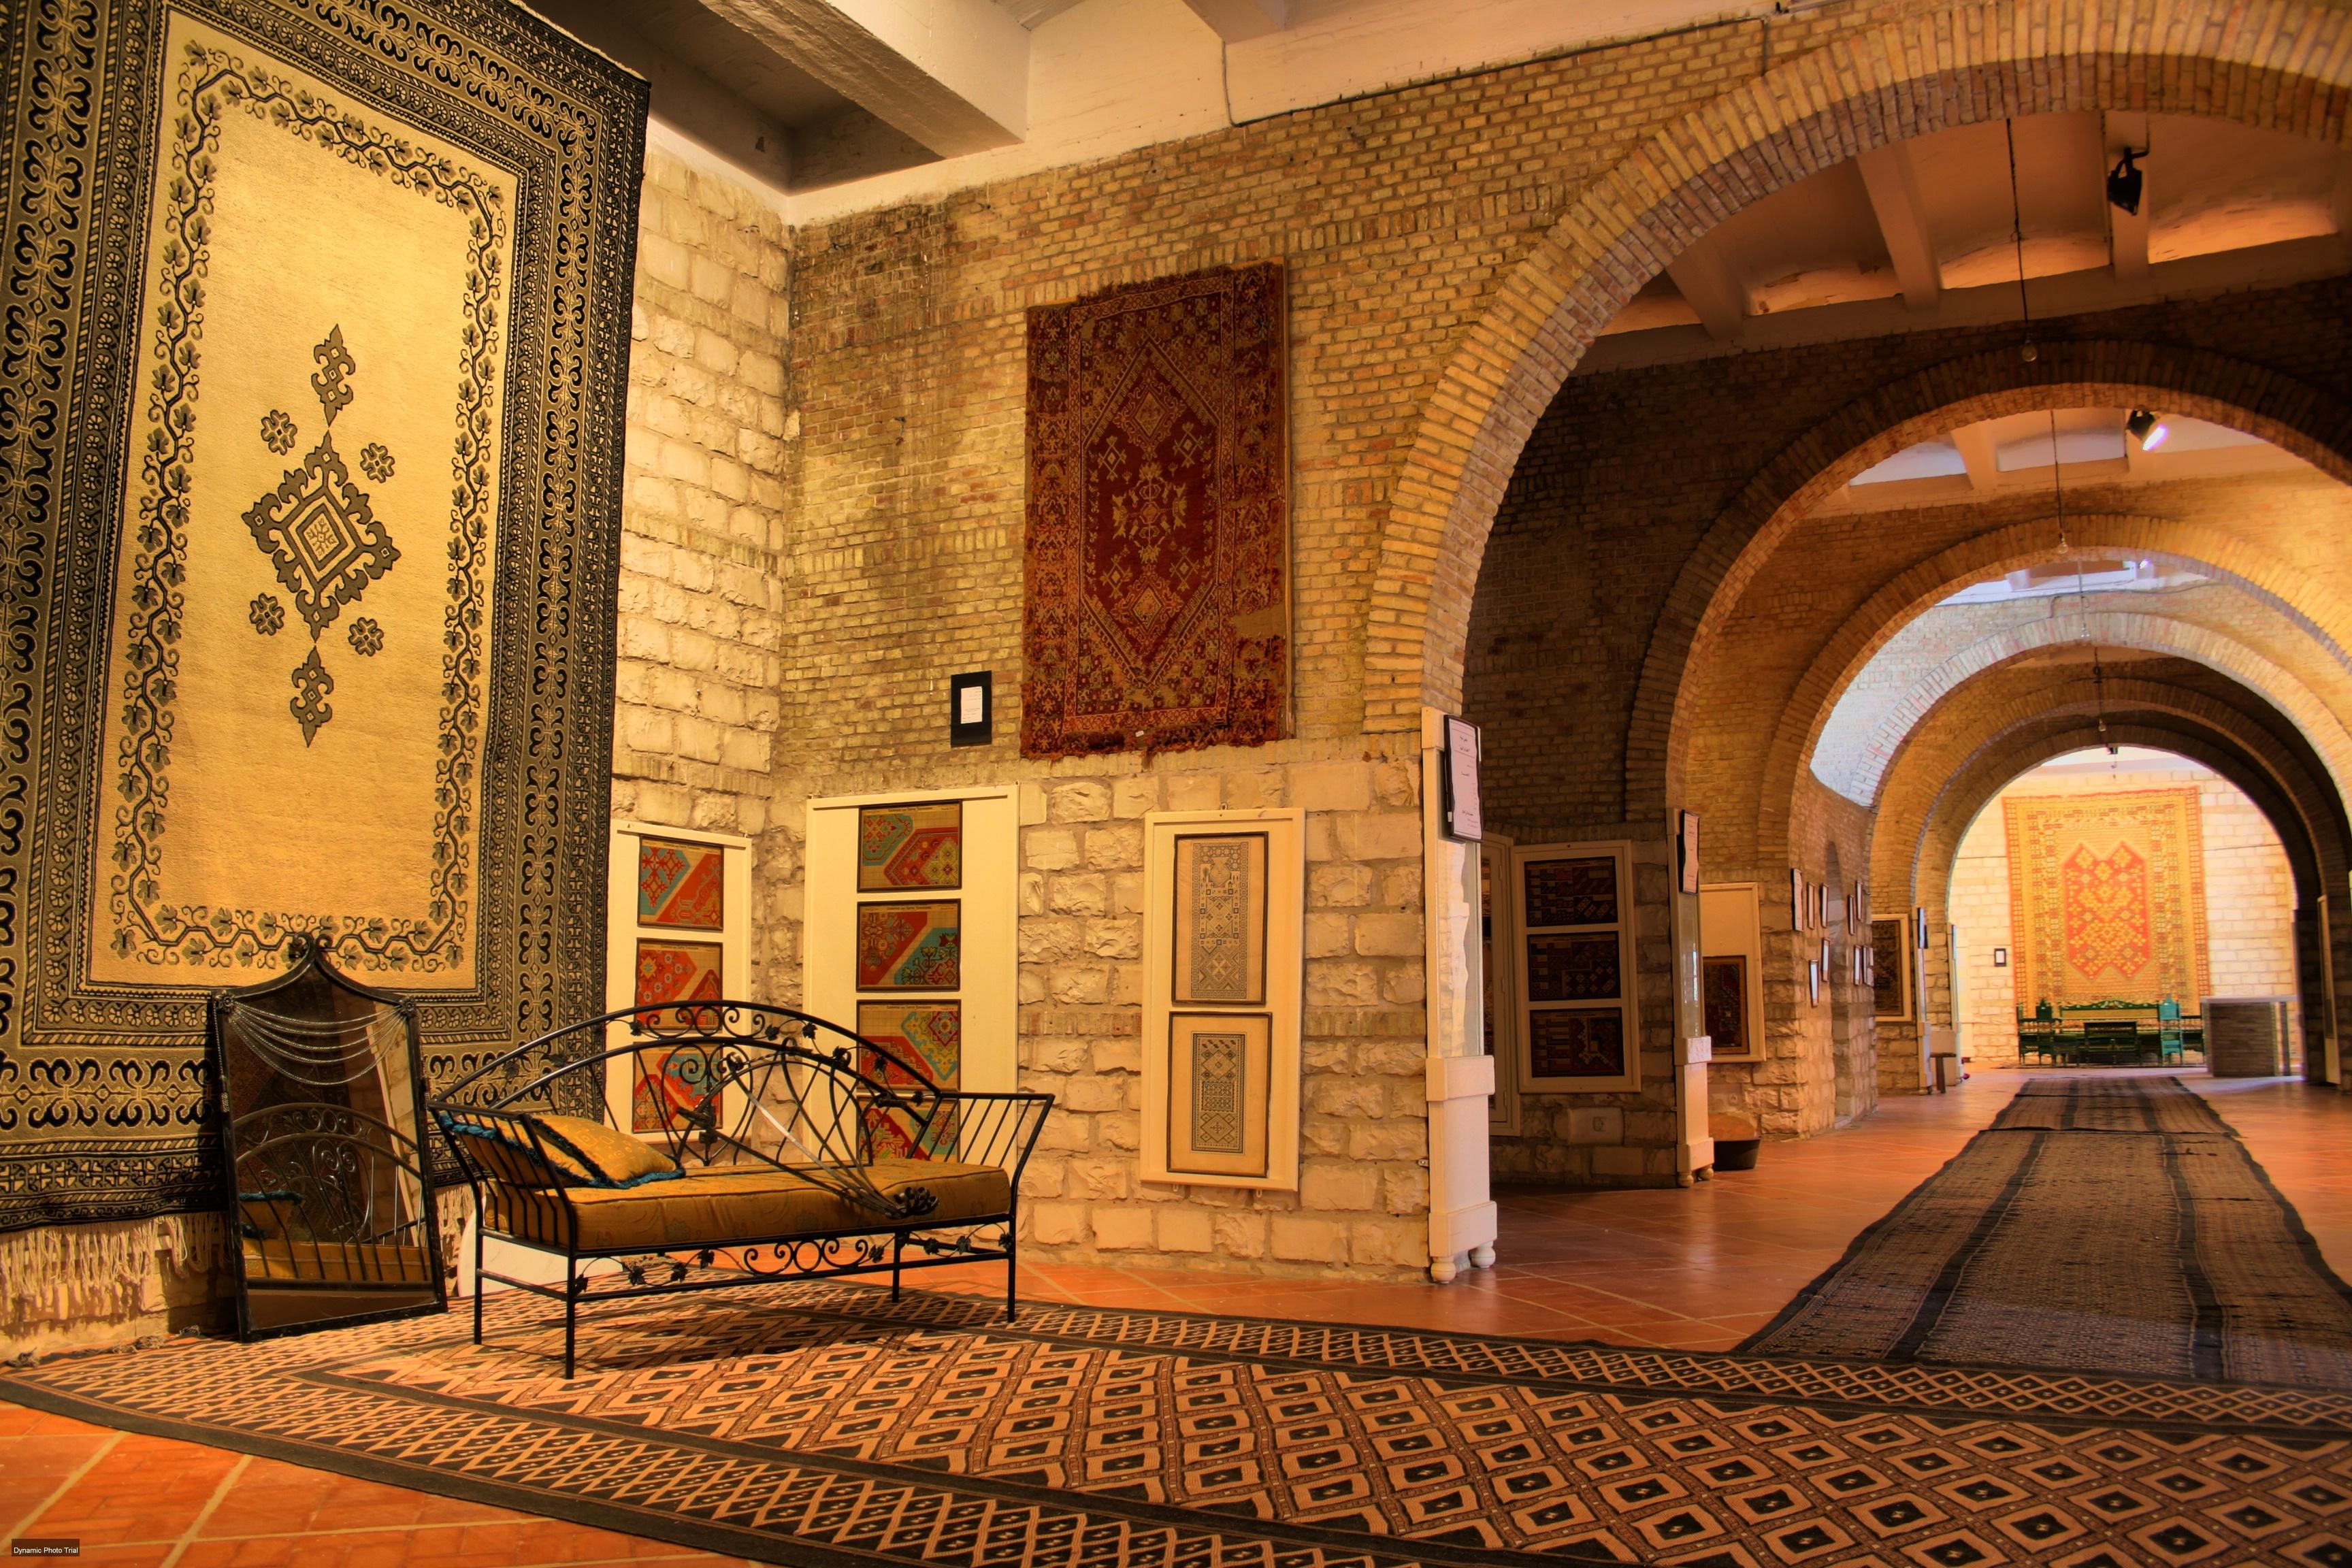 Innenarchitektur Geschichte kostenlose foto die architektur villa gebäude palast bogen